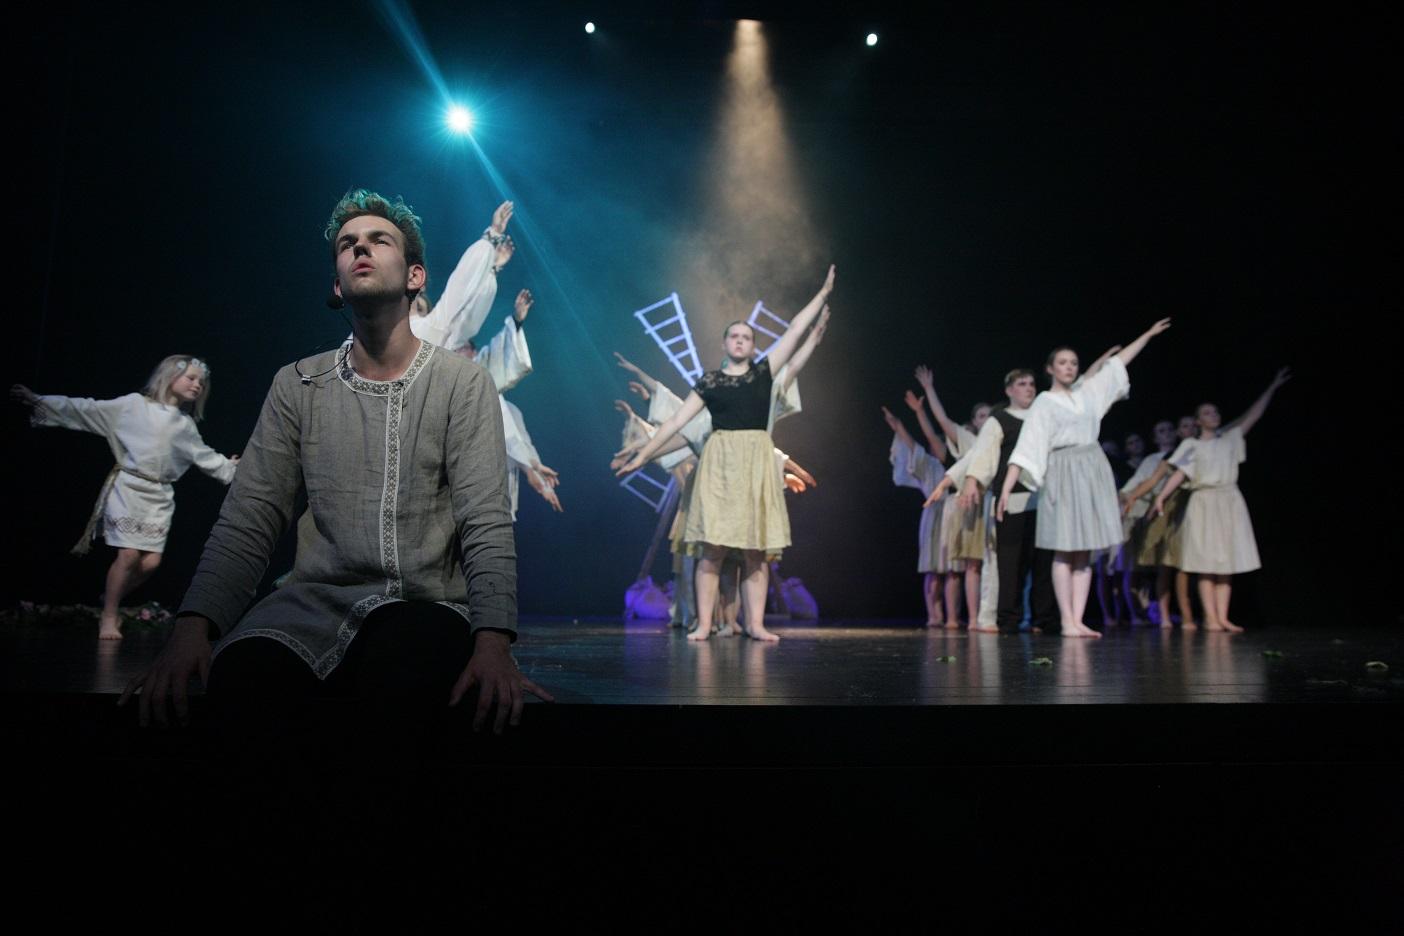 """Ignaliną dvi dienas džiugino teatro šventė – šaunieji """"Bildučiai""""   Ignalinos rajono savivaldybės nuotr."""